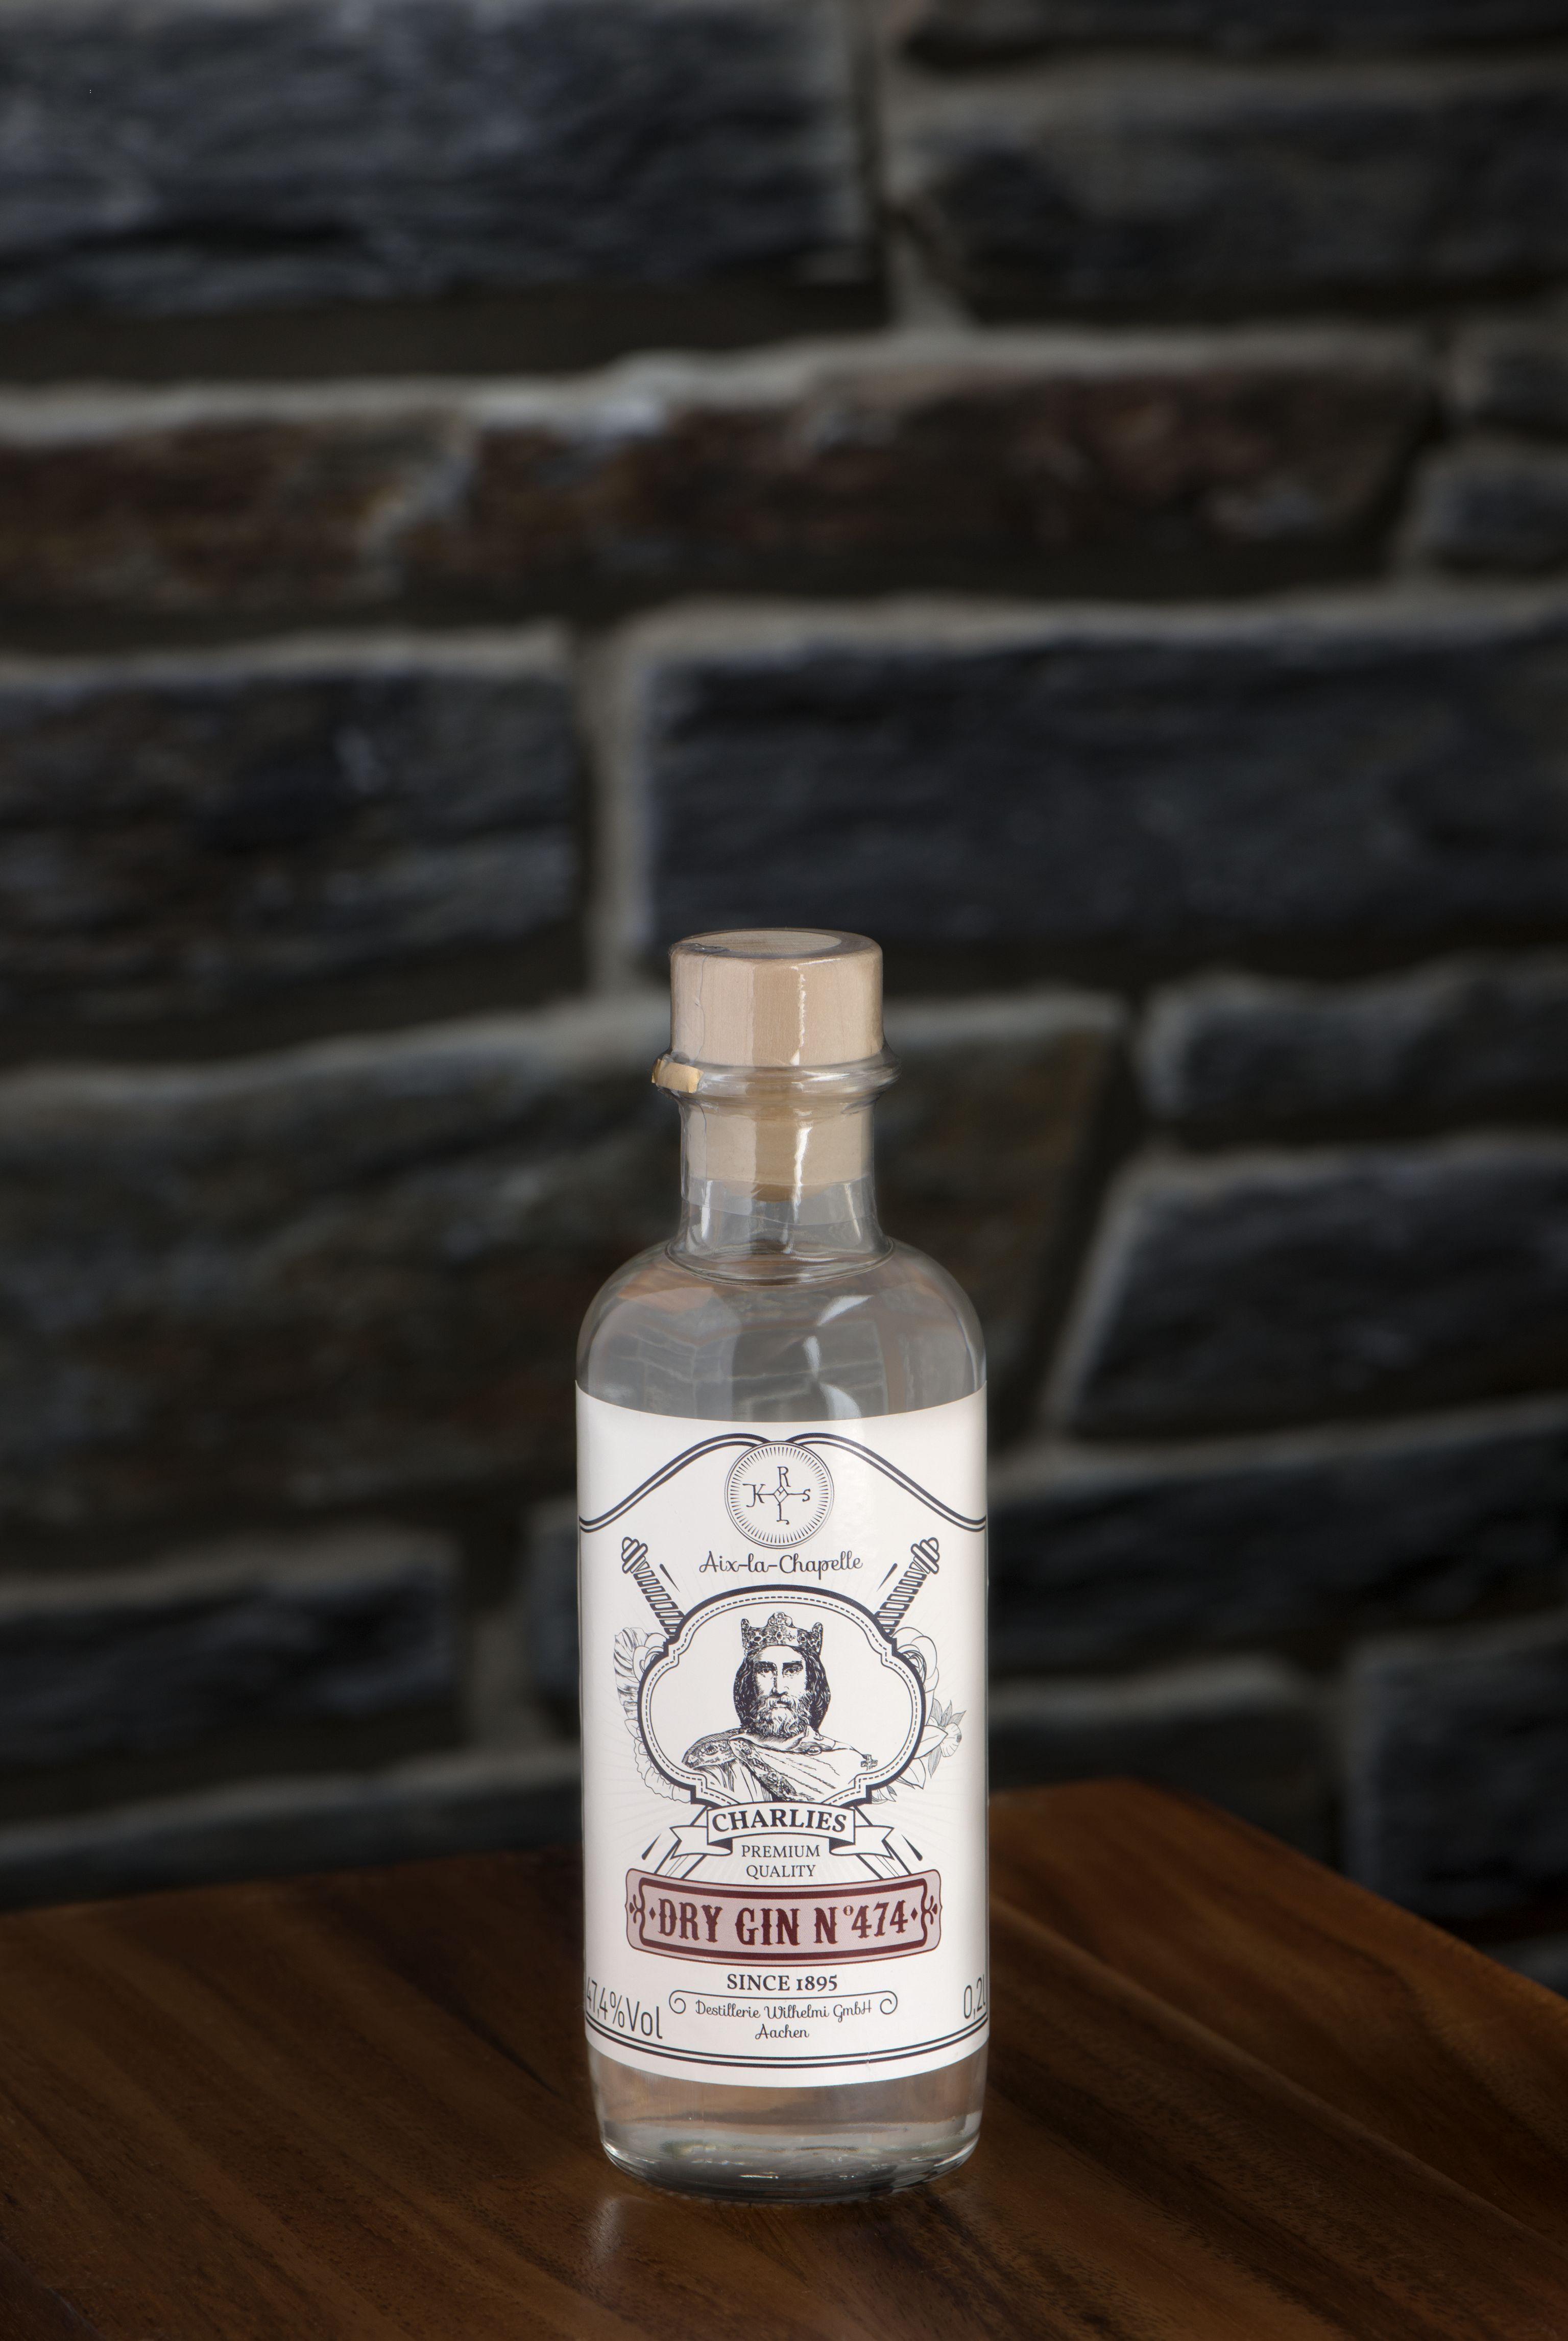 Charlies Dry Gin no. 474 40% - Historische Senfmühle Monschau -